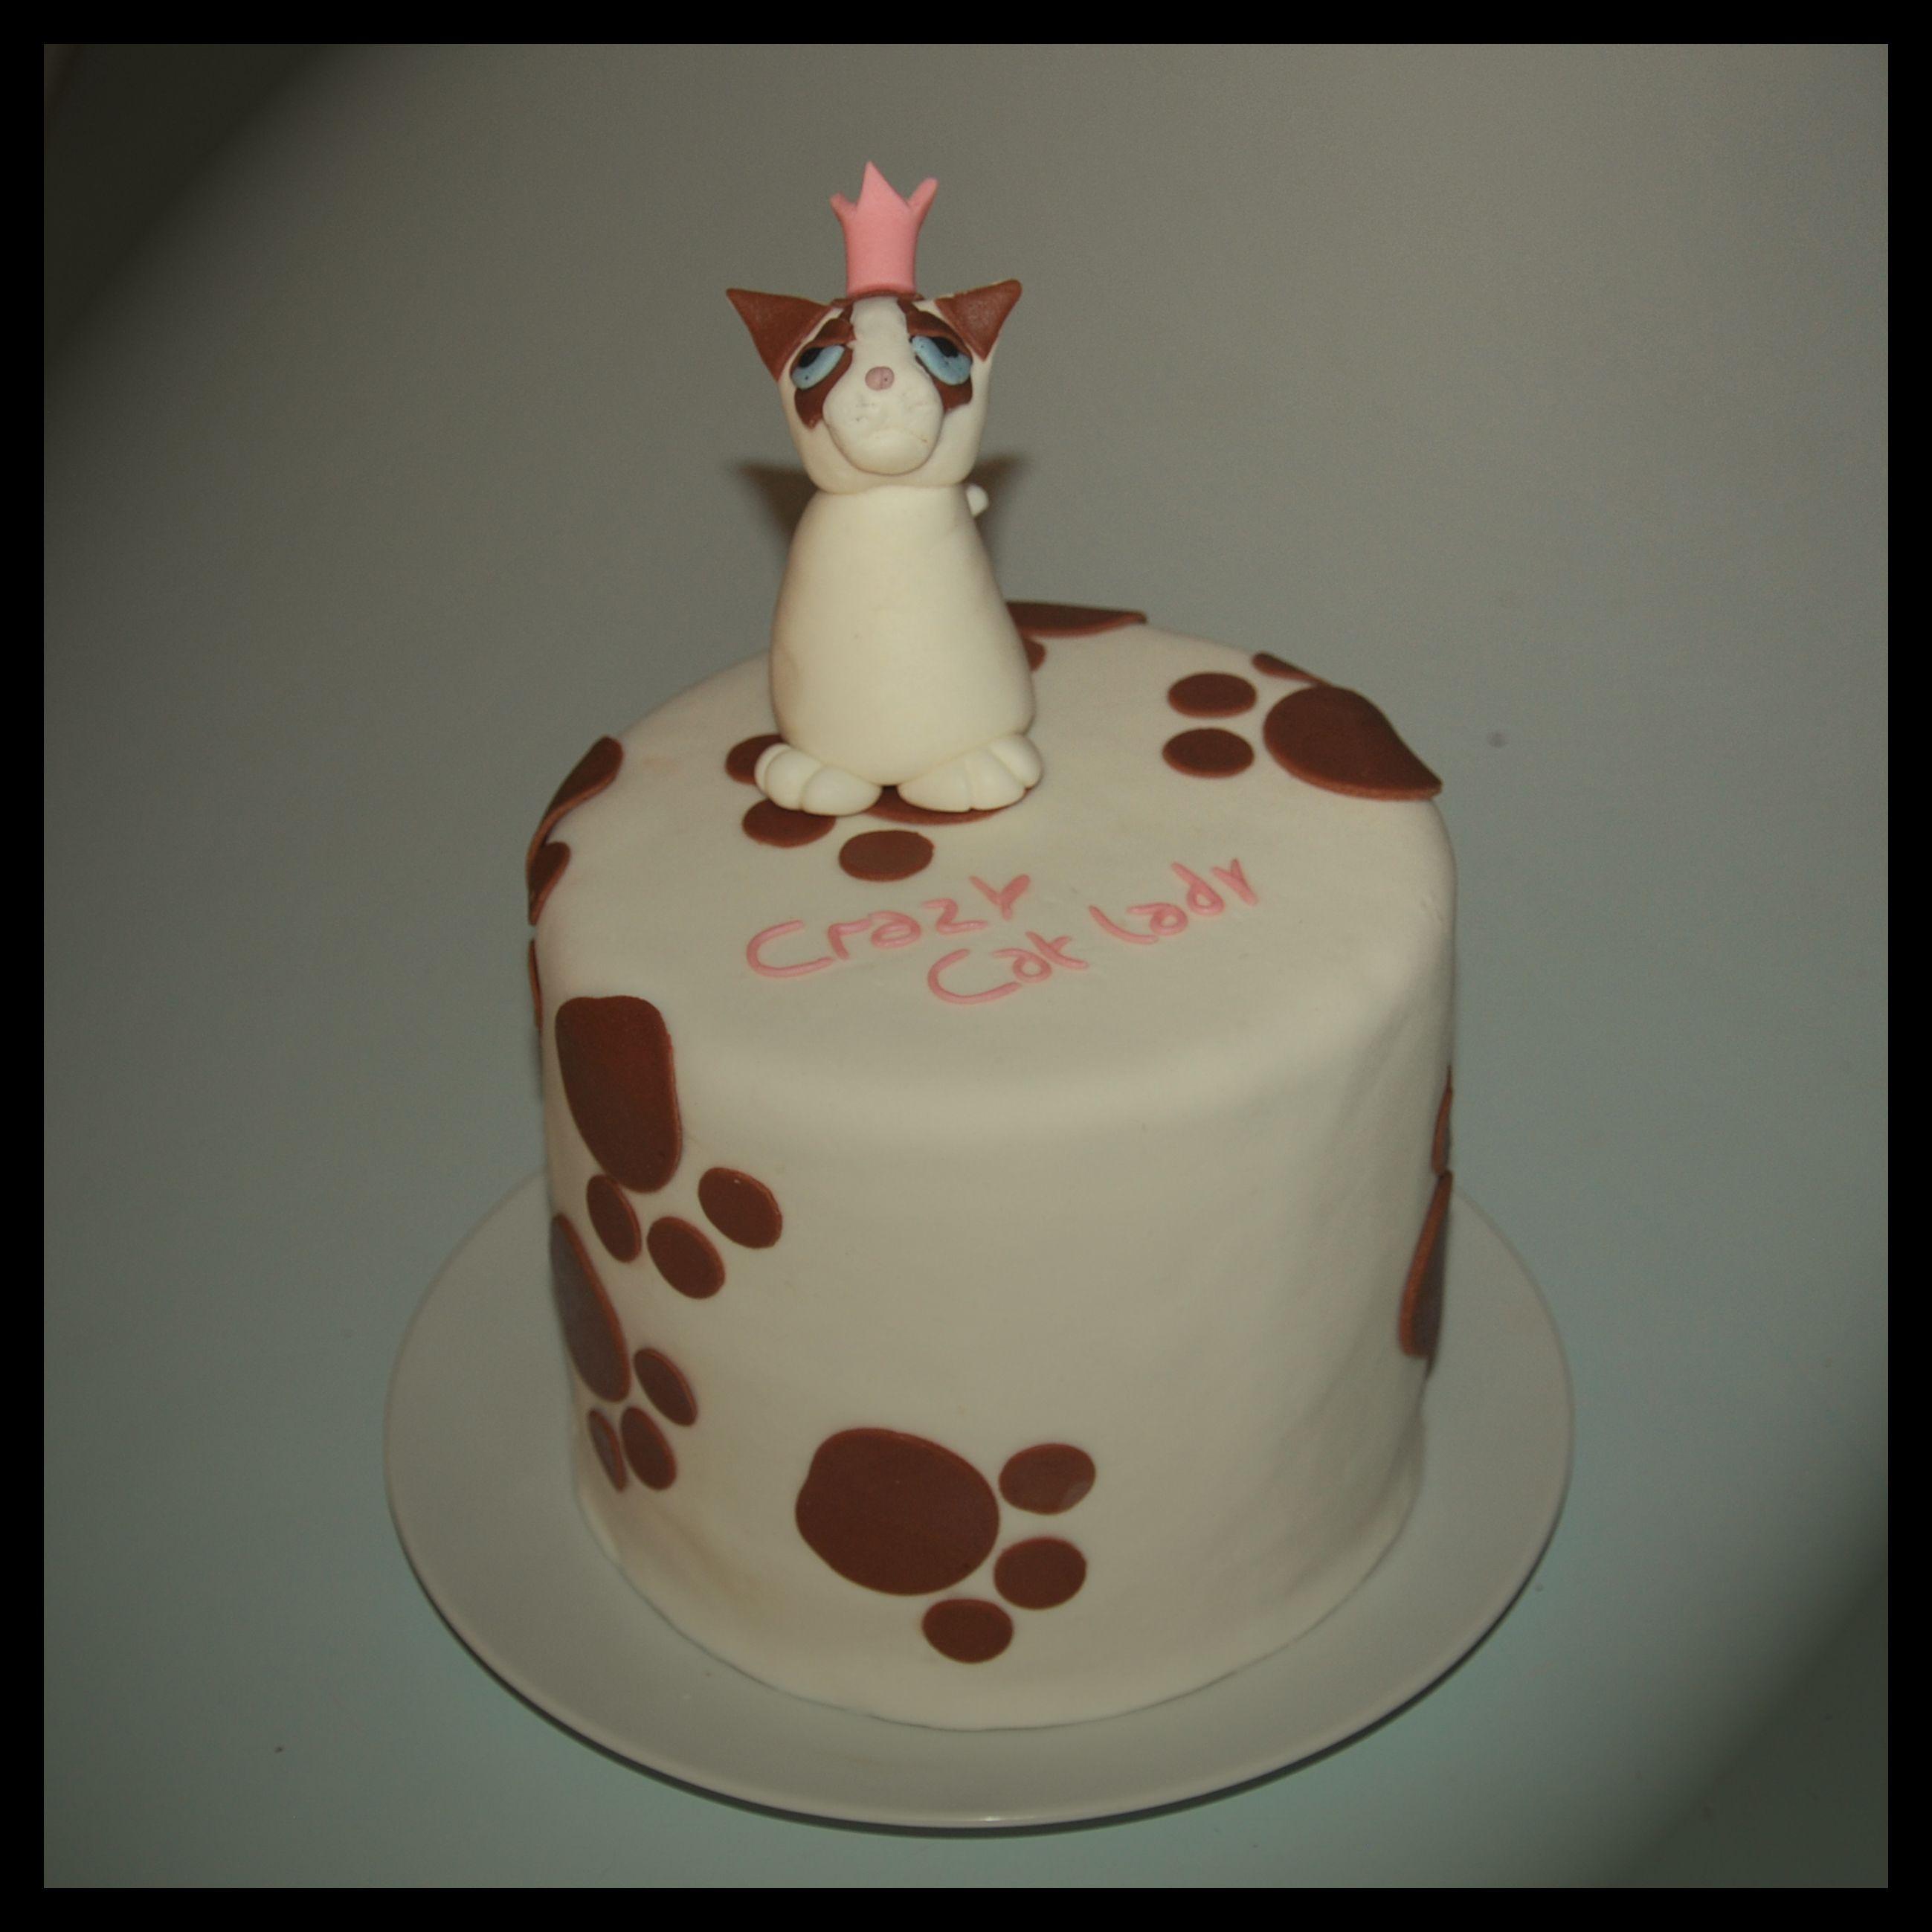 Crazy catlady cake